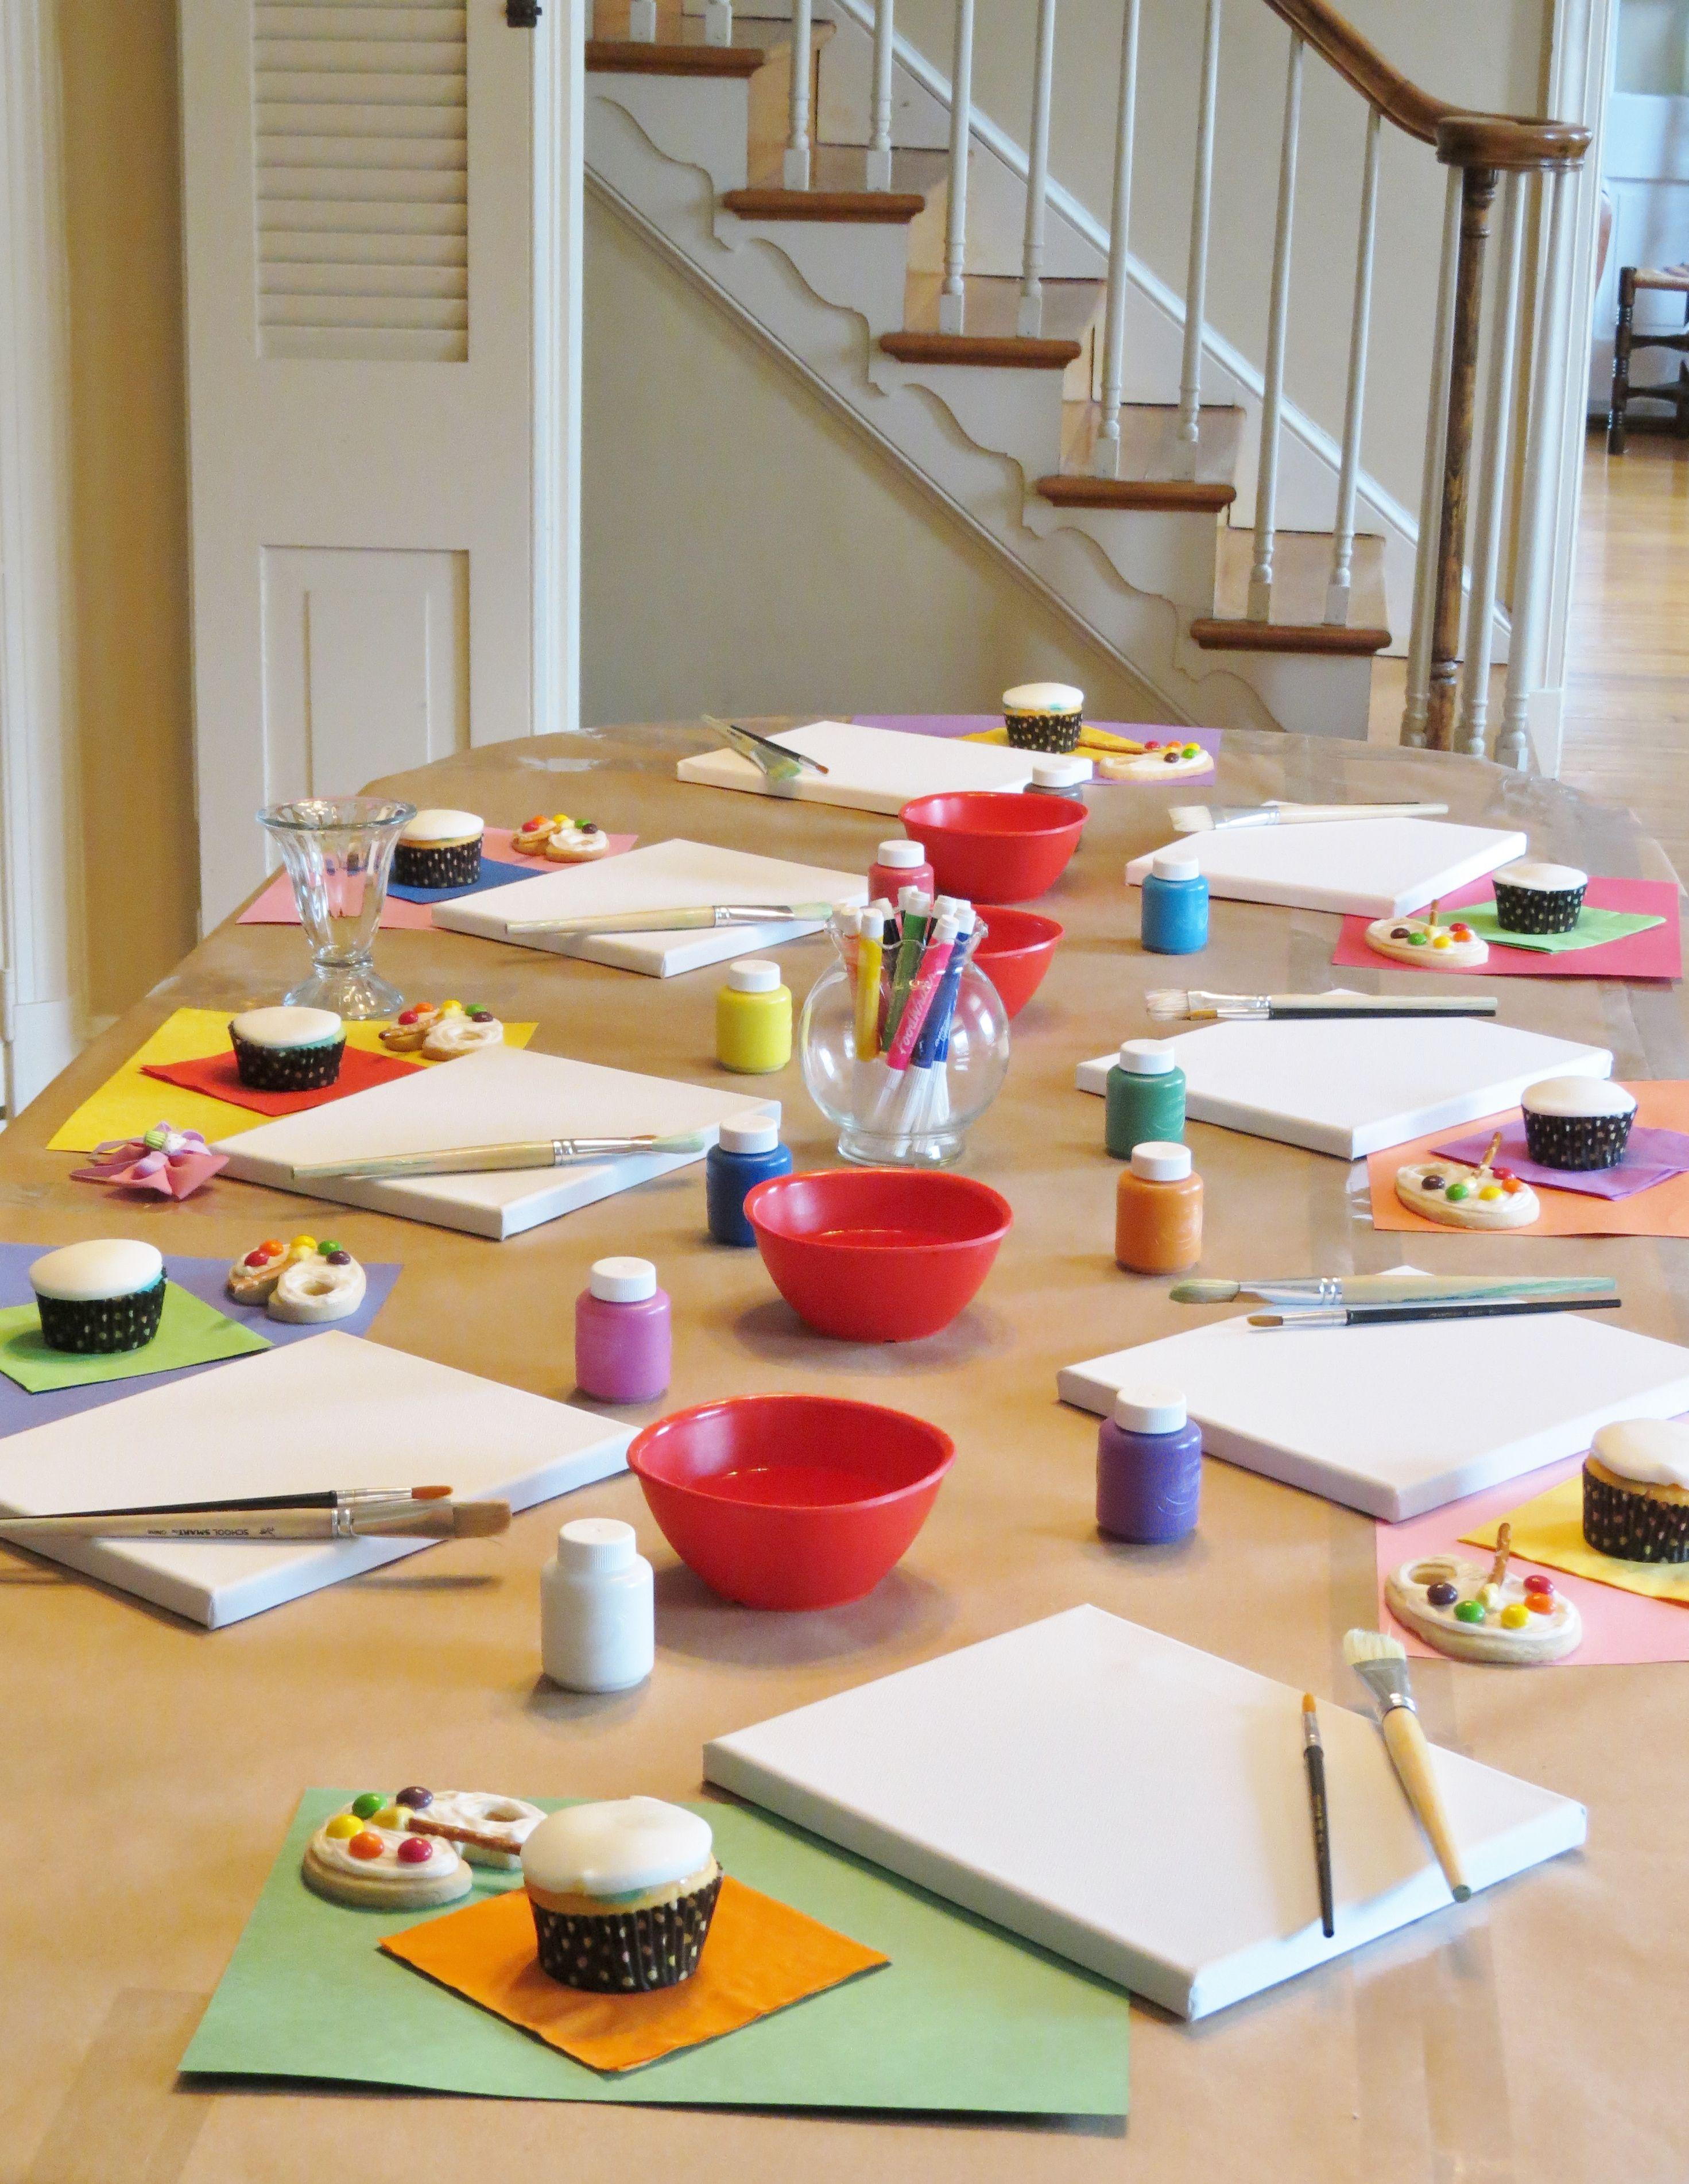 Festa infantil simples —  Cantinho da arte e pintura